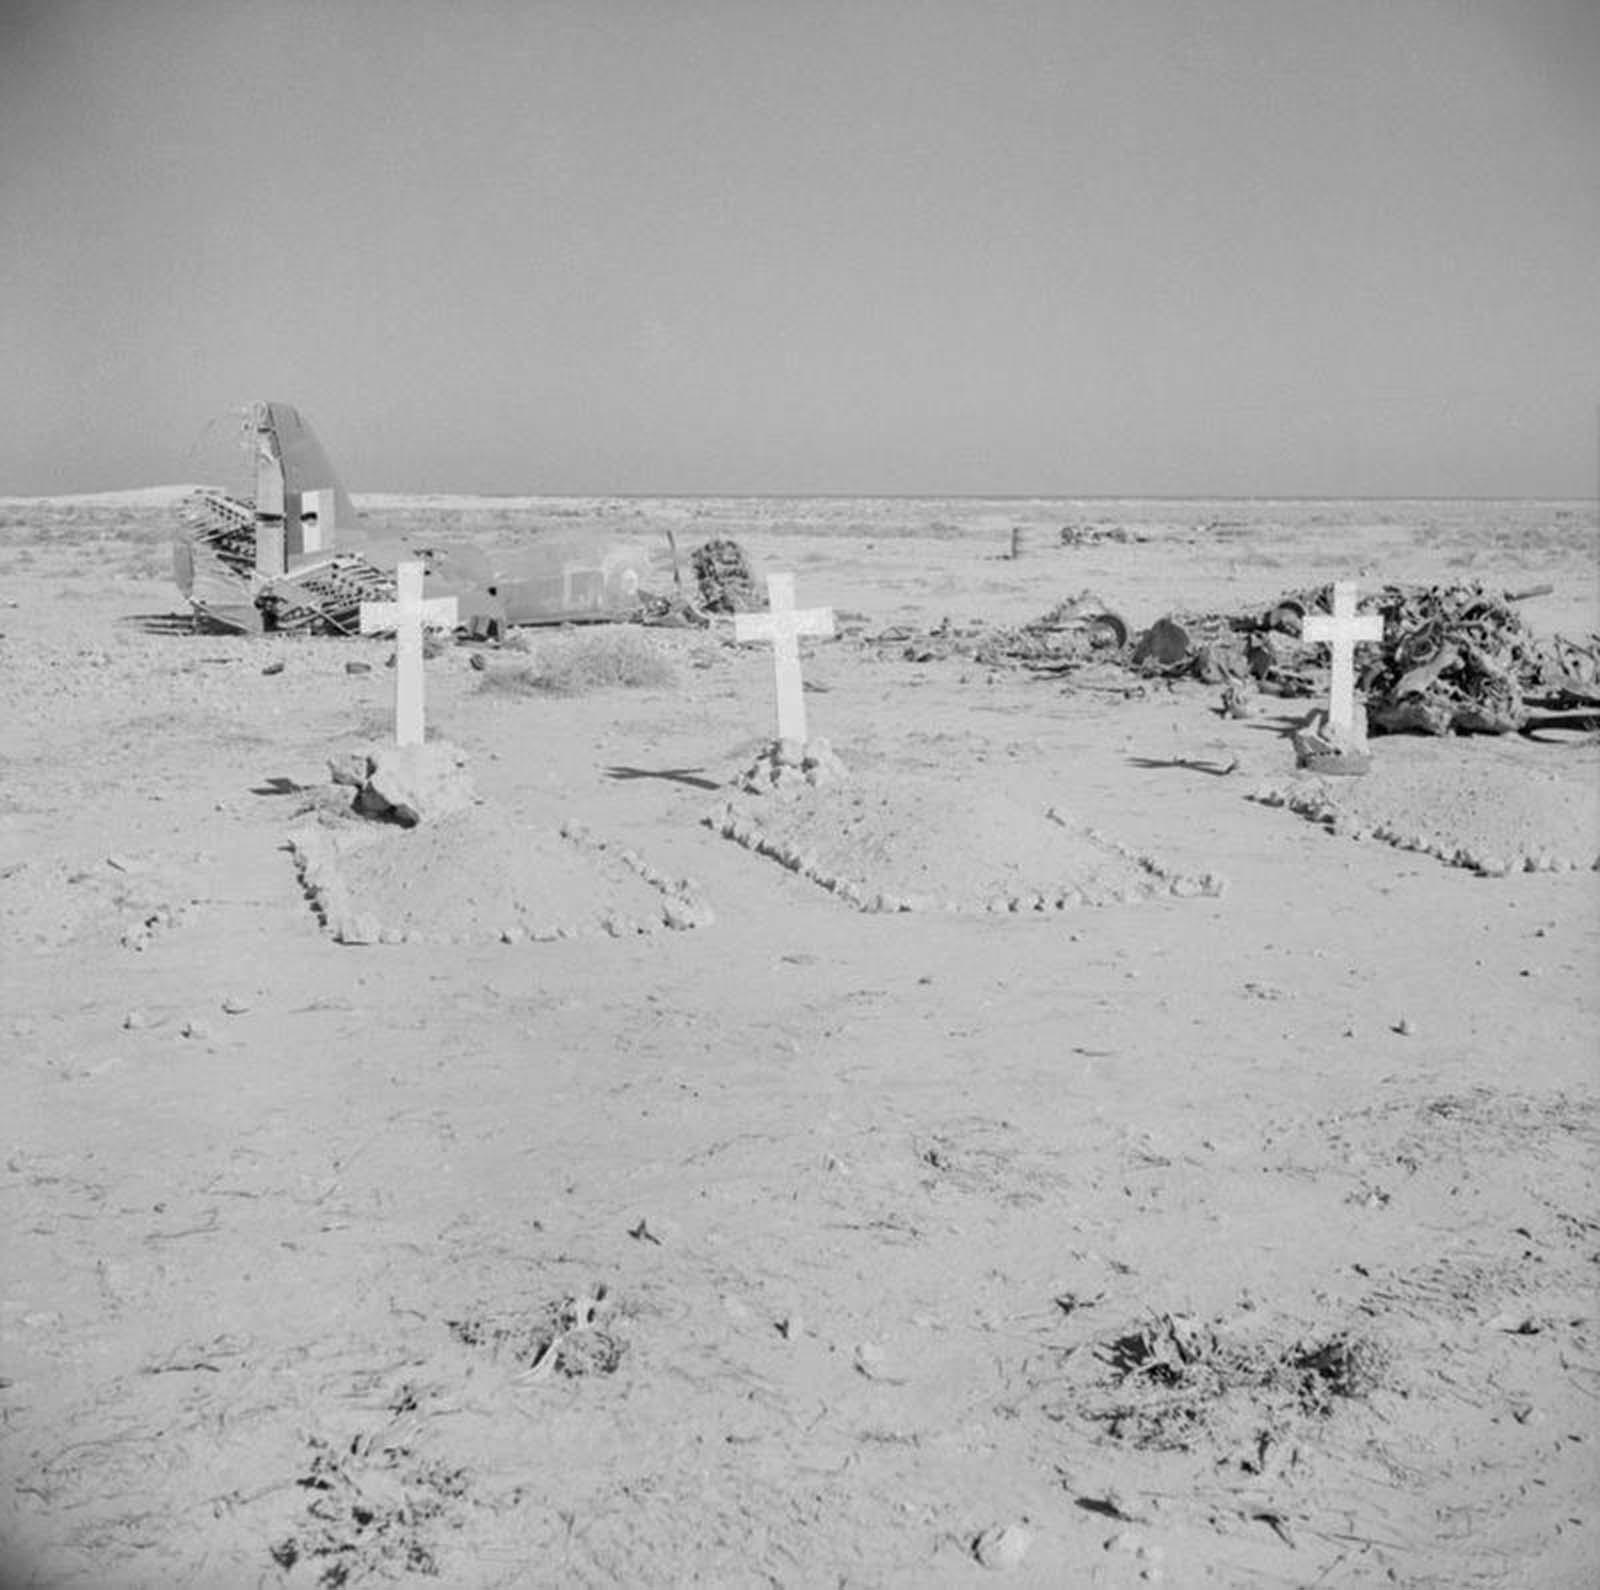 Las tumbas de las tres tripulaciones de la escuadrilla real No. 39, enterradas por los alemanes, se encuentran frente a los restos de su Martin Maryland Mark II al suroeste de Gazala.